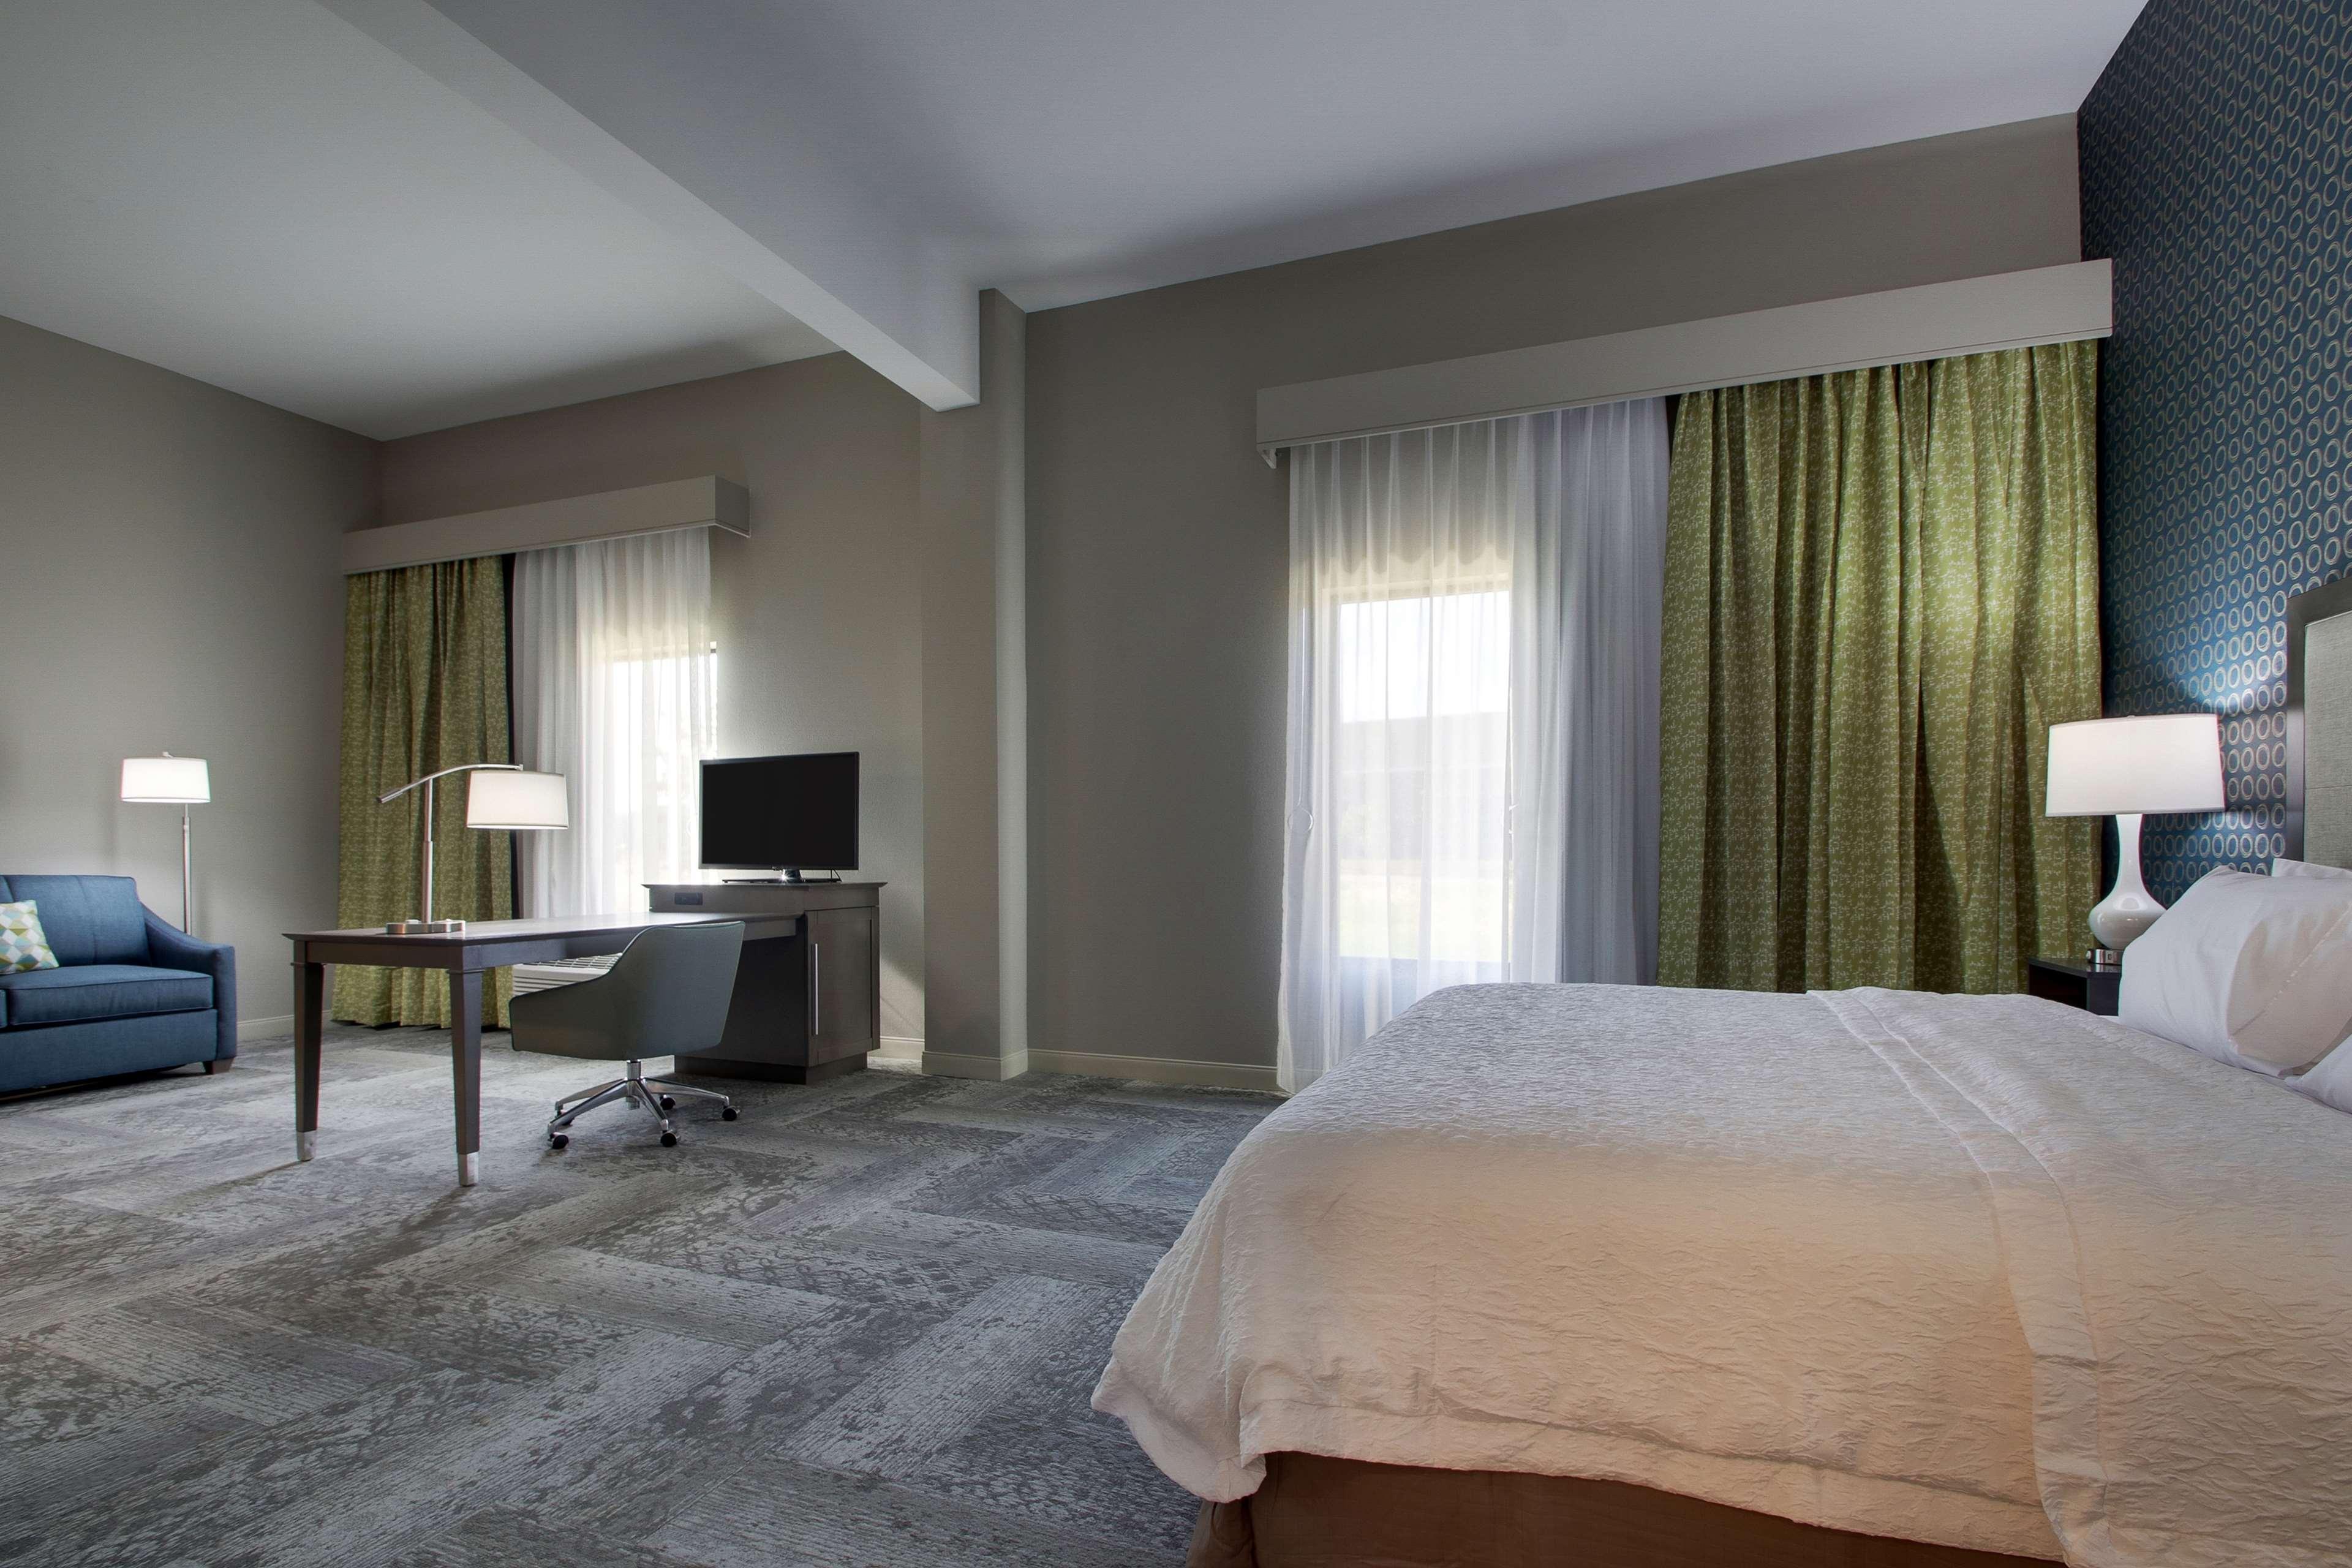 Hampton Inn & Suites Knightdale Raleigh image 17